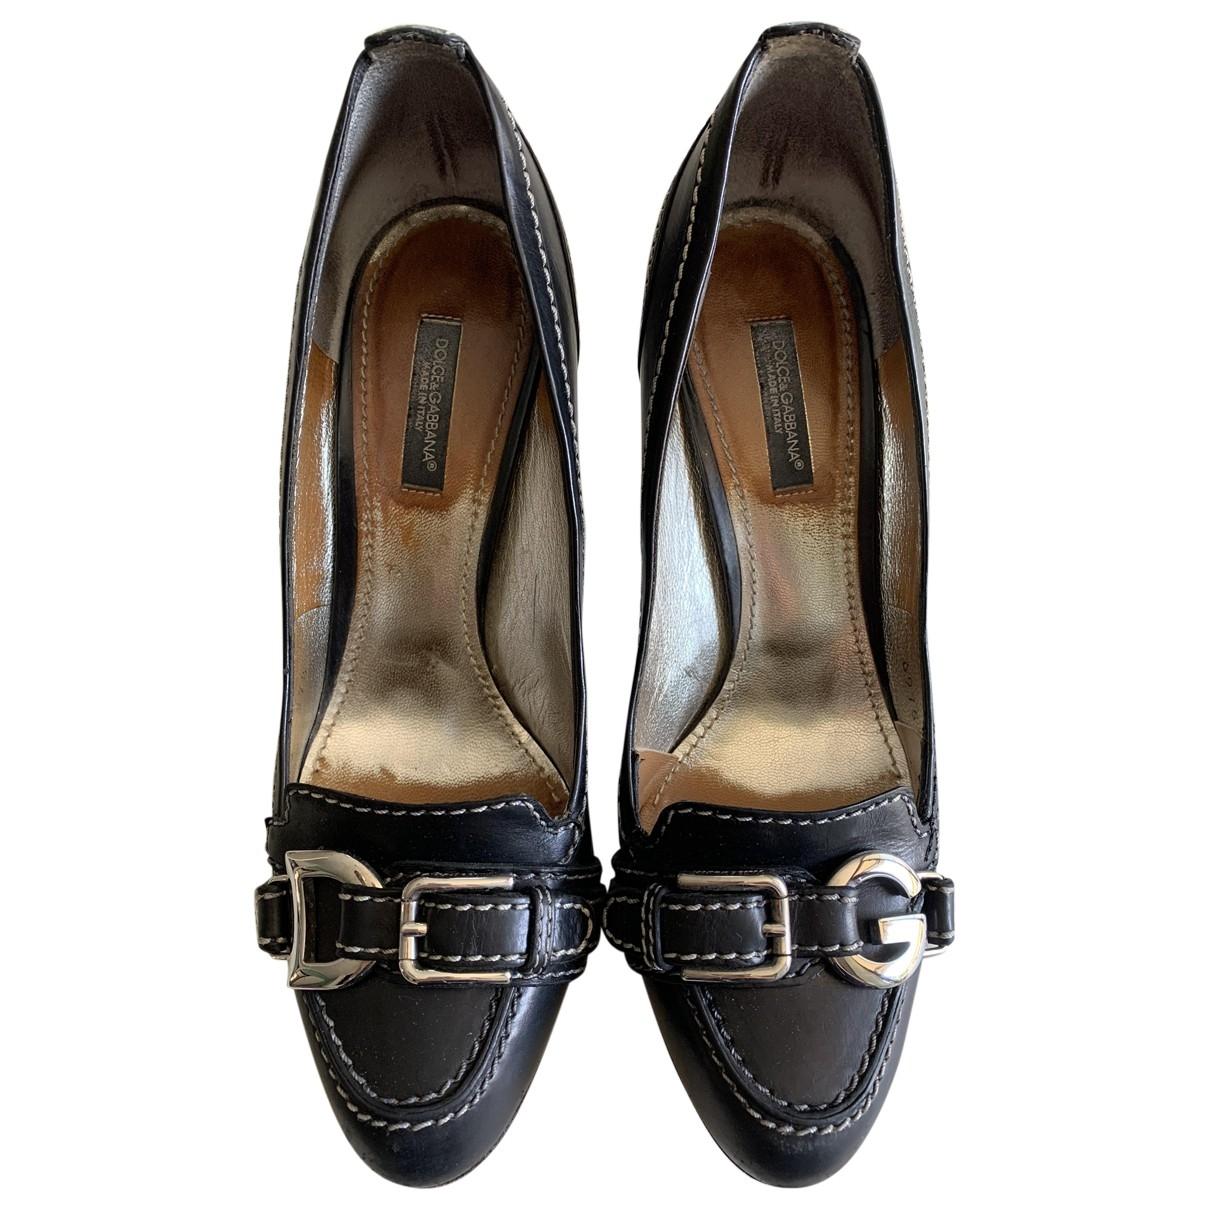 Dolce & Gabbana \N Black Leather Heels for Women 37.5 IT